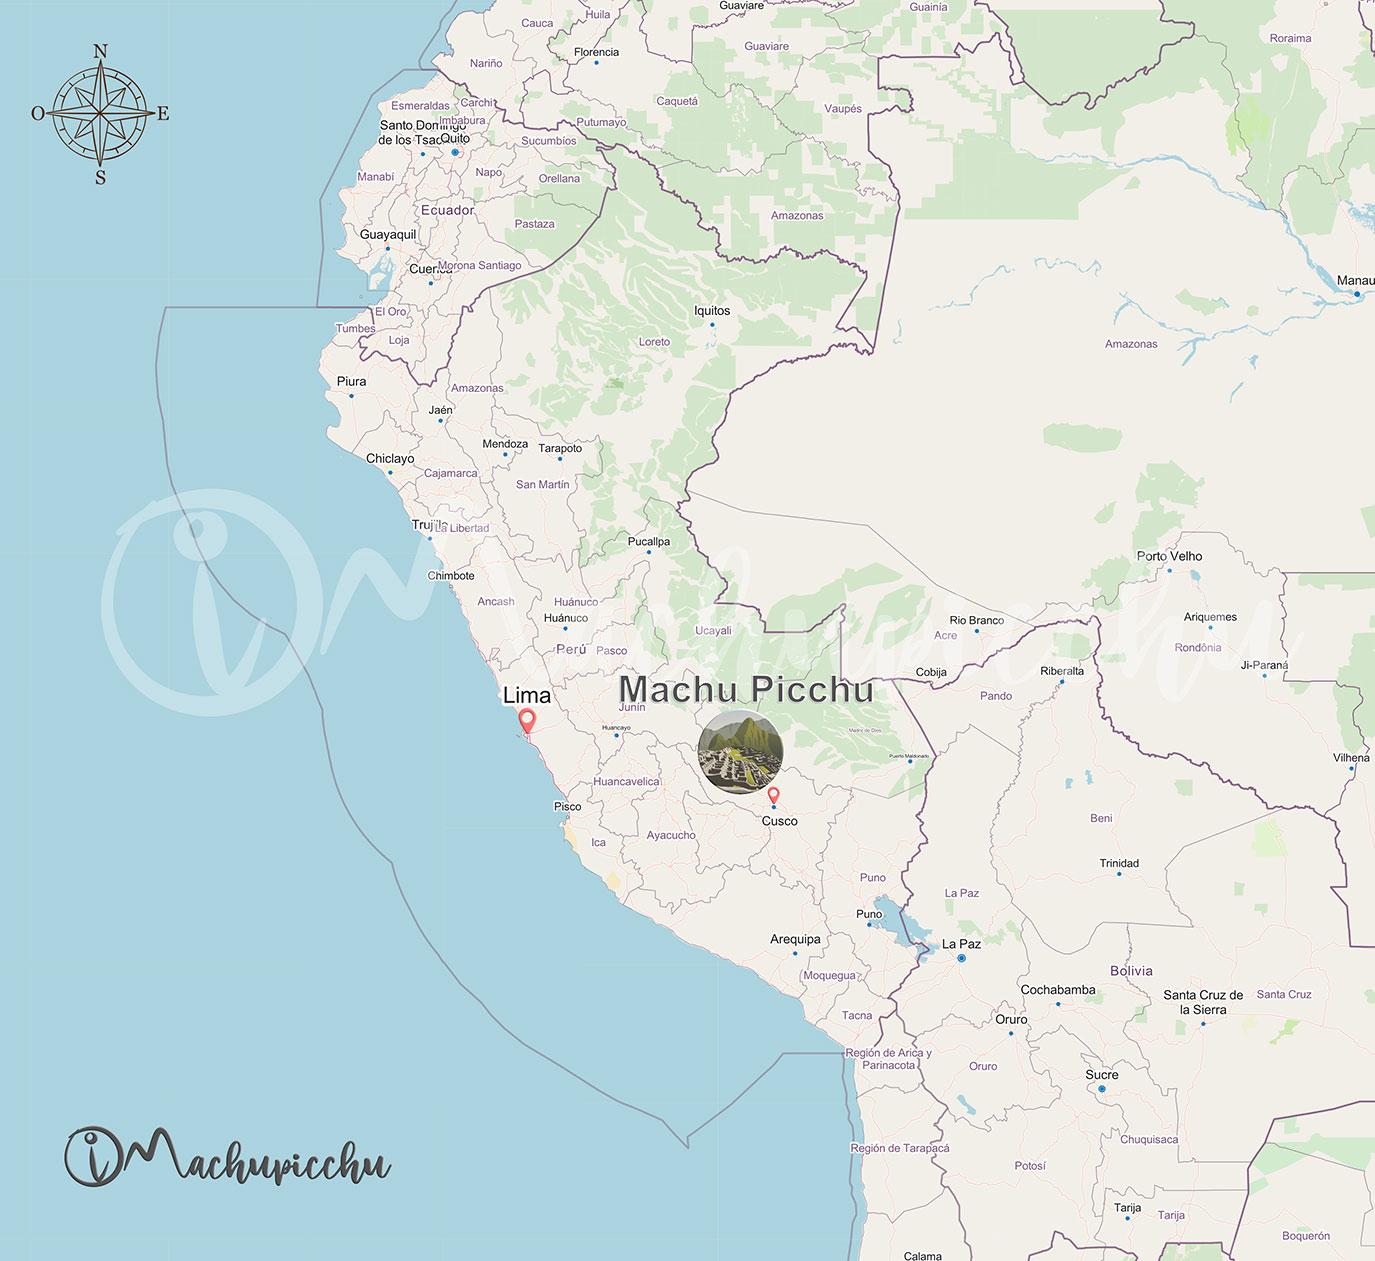 Ubicación de Machu Picchu en Perú